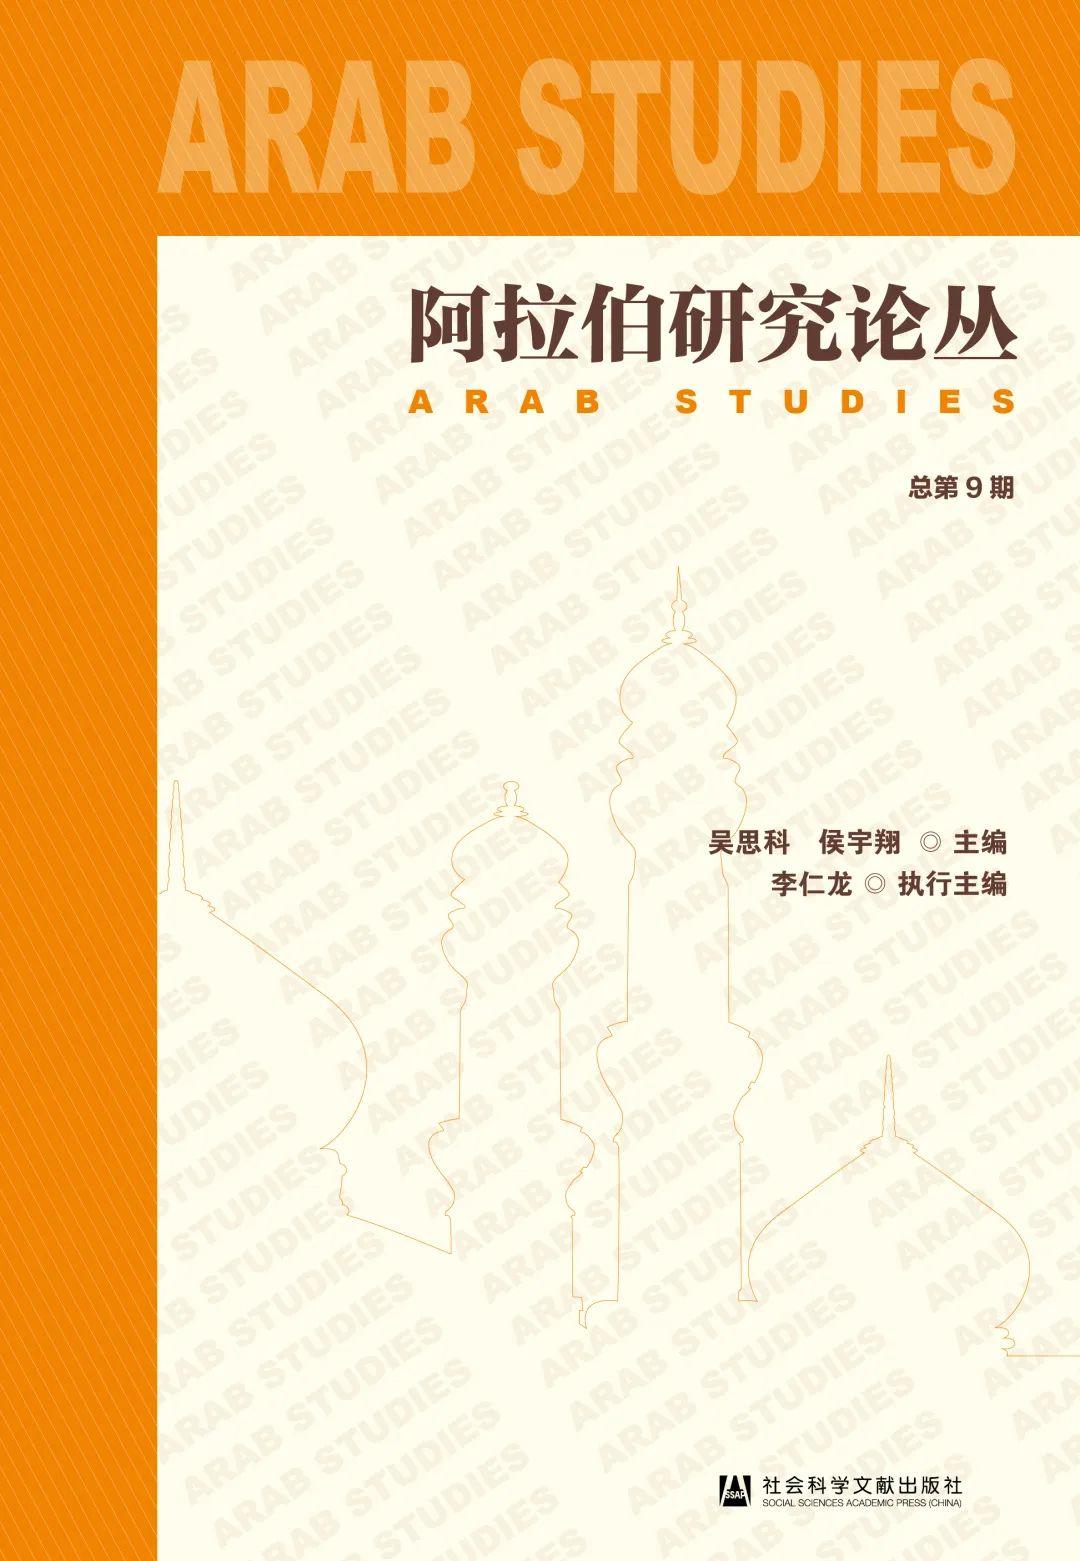 澳洲幸运5五星组选120攻略:seo知识是什么意思:深圳网店美工培训哪个机构好